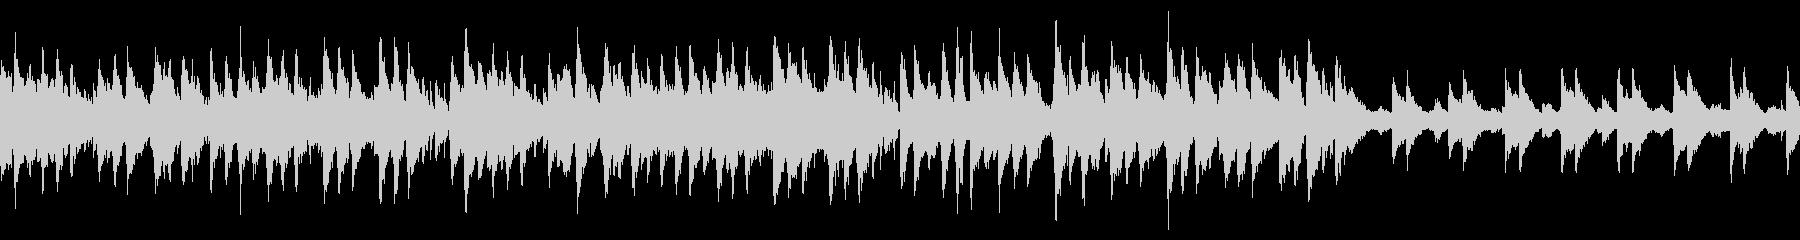 ビブラフォンメロディーのゆったりジャズの未再生の波形